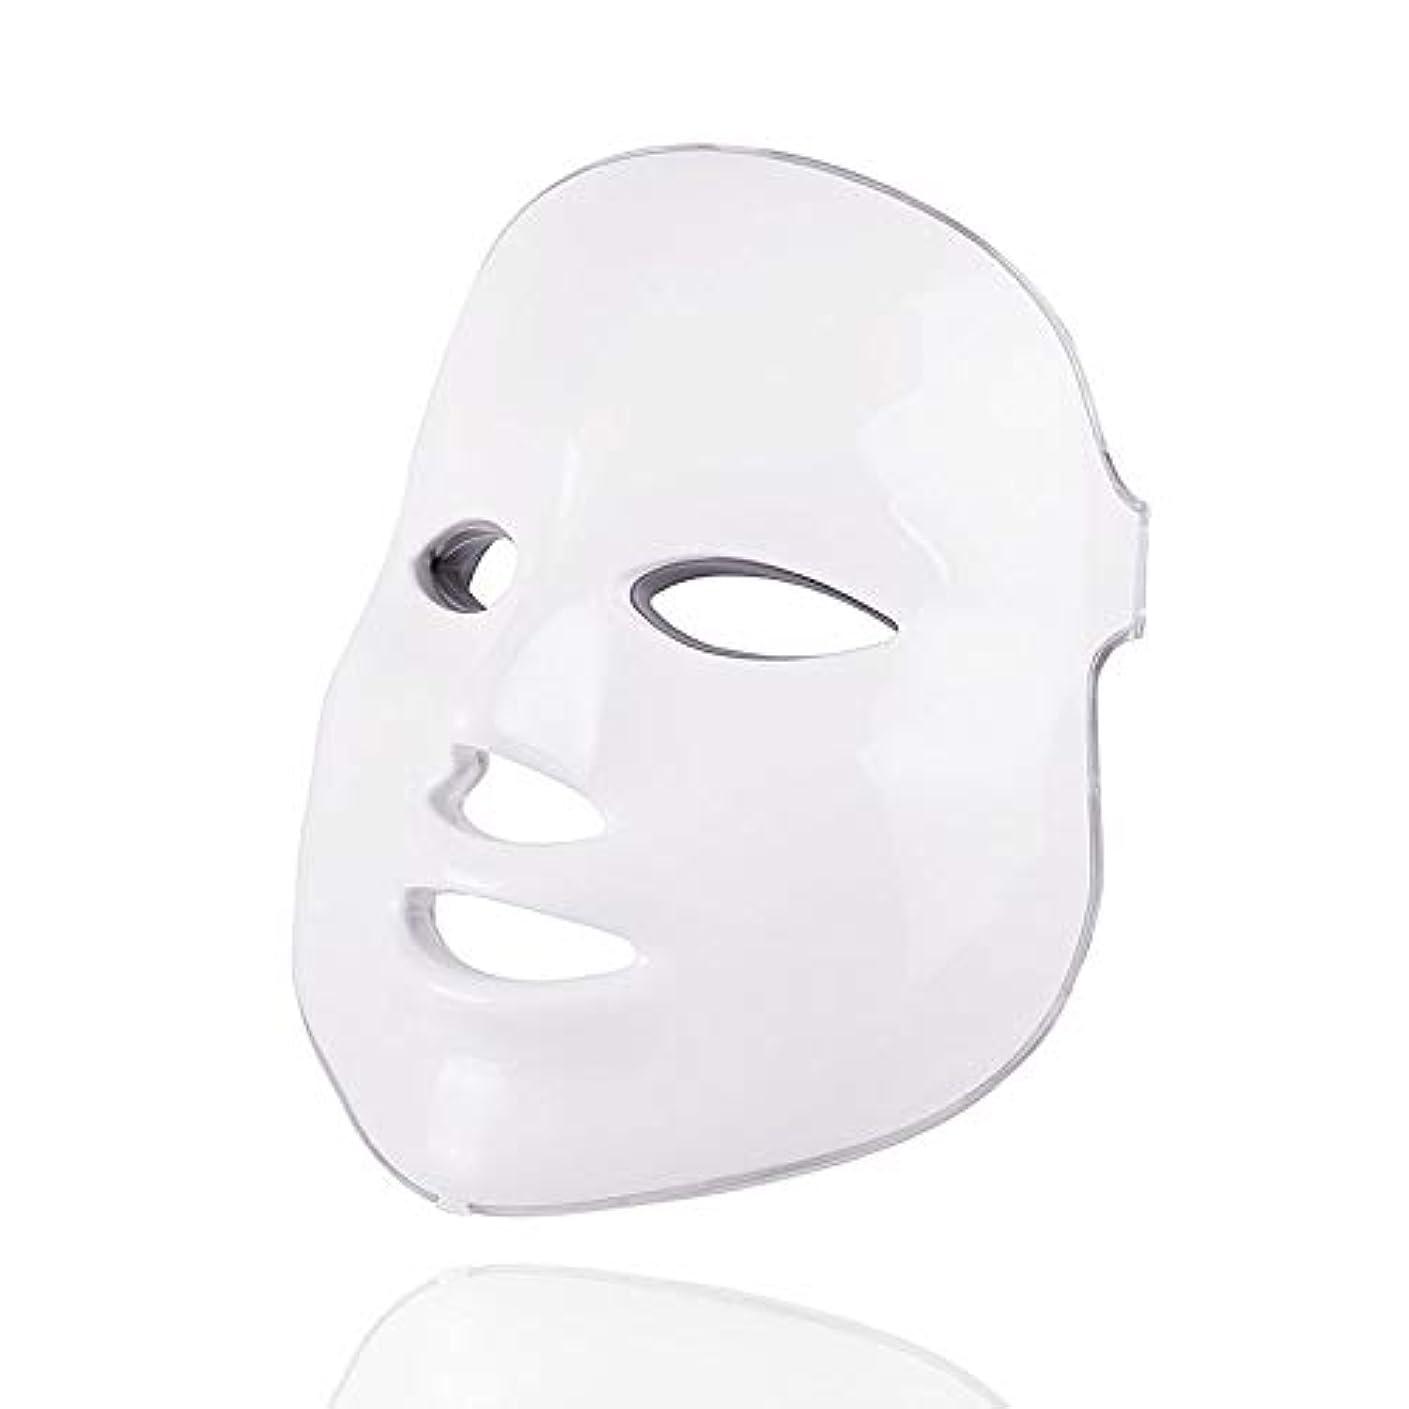 リルお金ゴム外側7色美容療法光子、ledフェイシャルマスクライトスキンケア若返りしわにきび除去顔美容スパ楽器